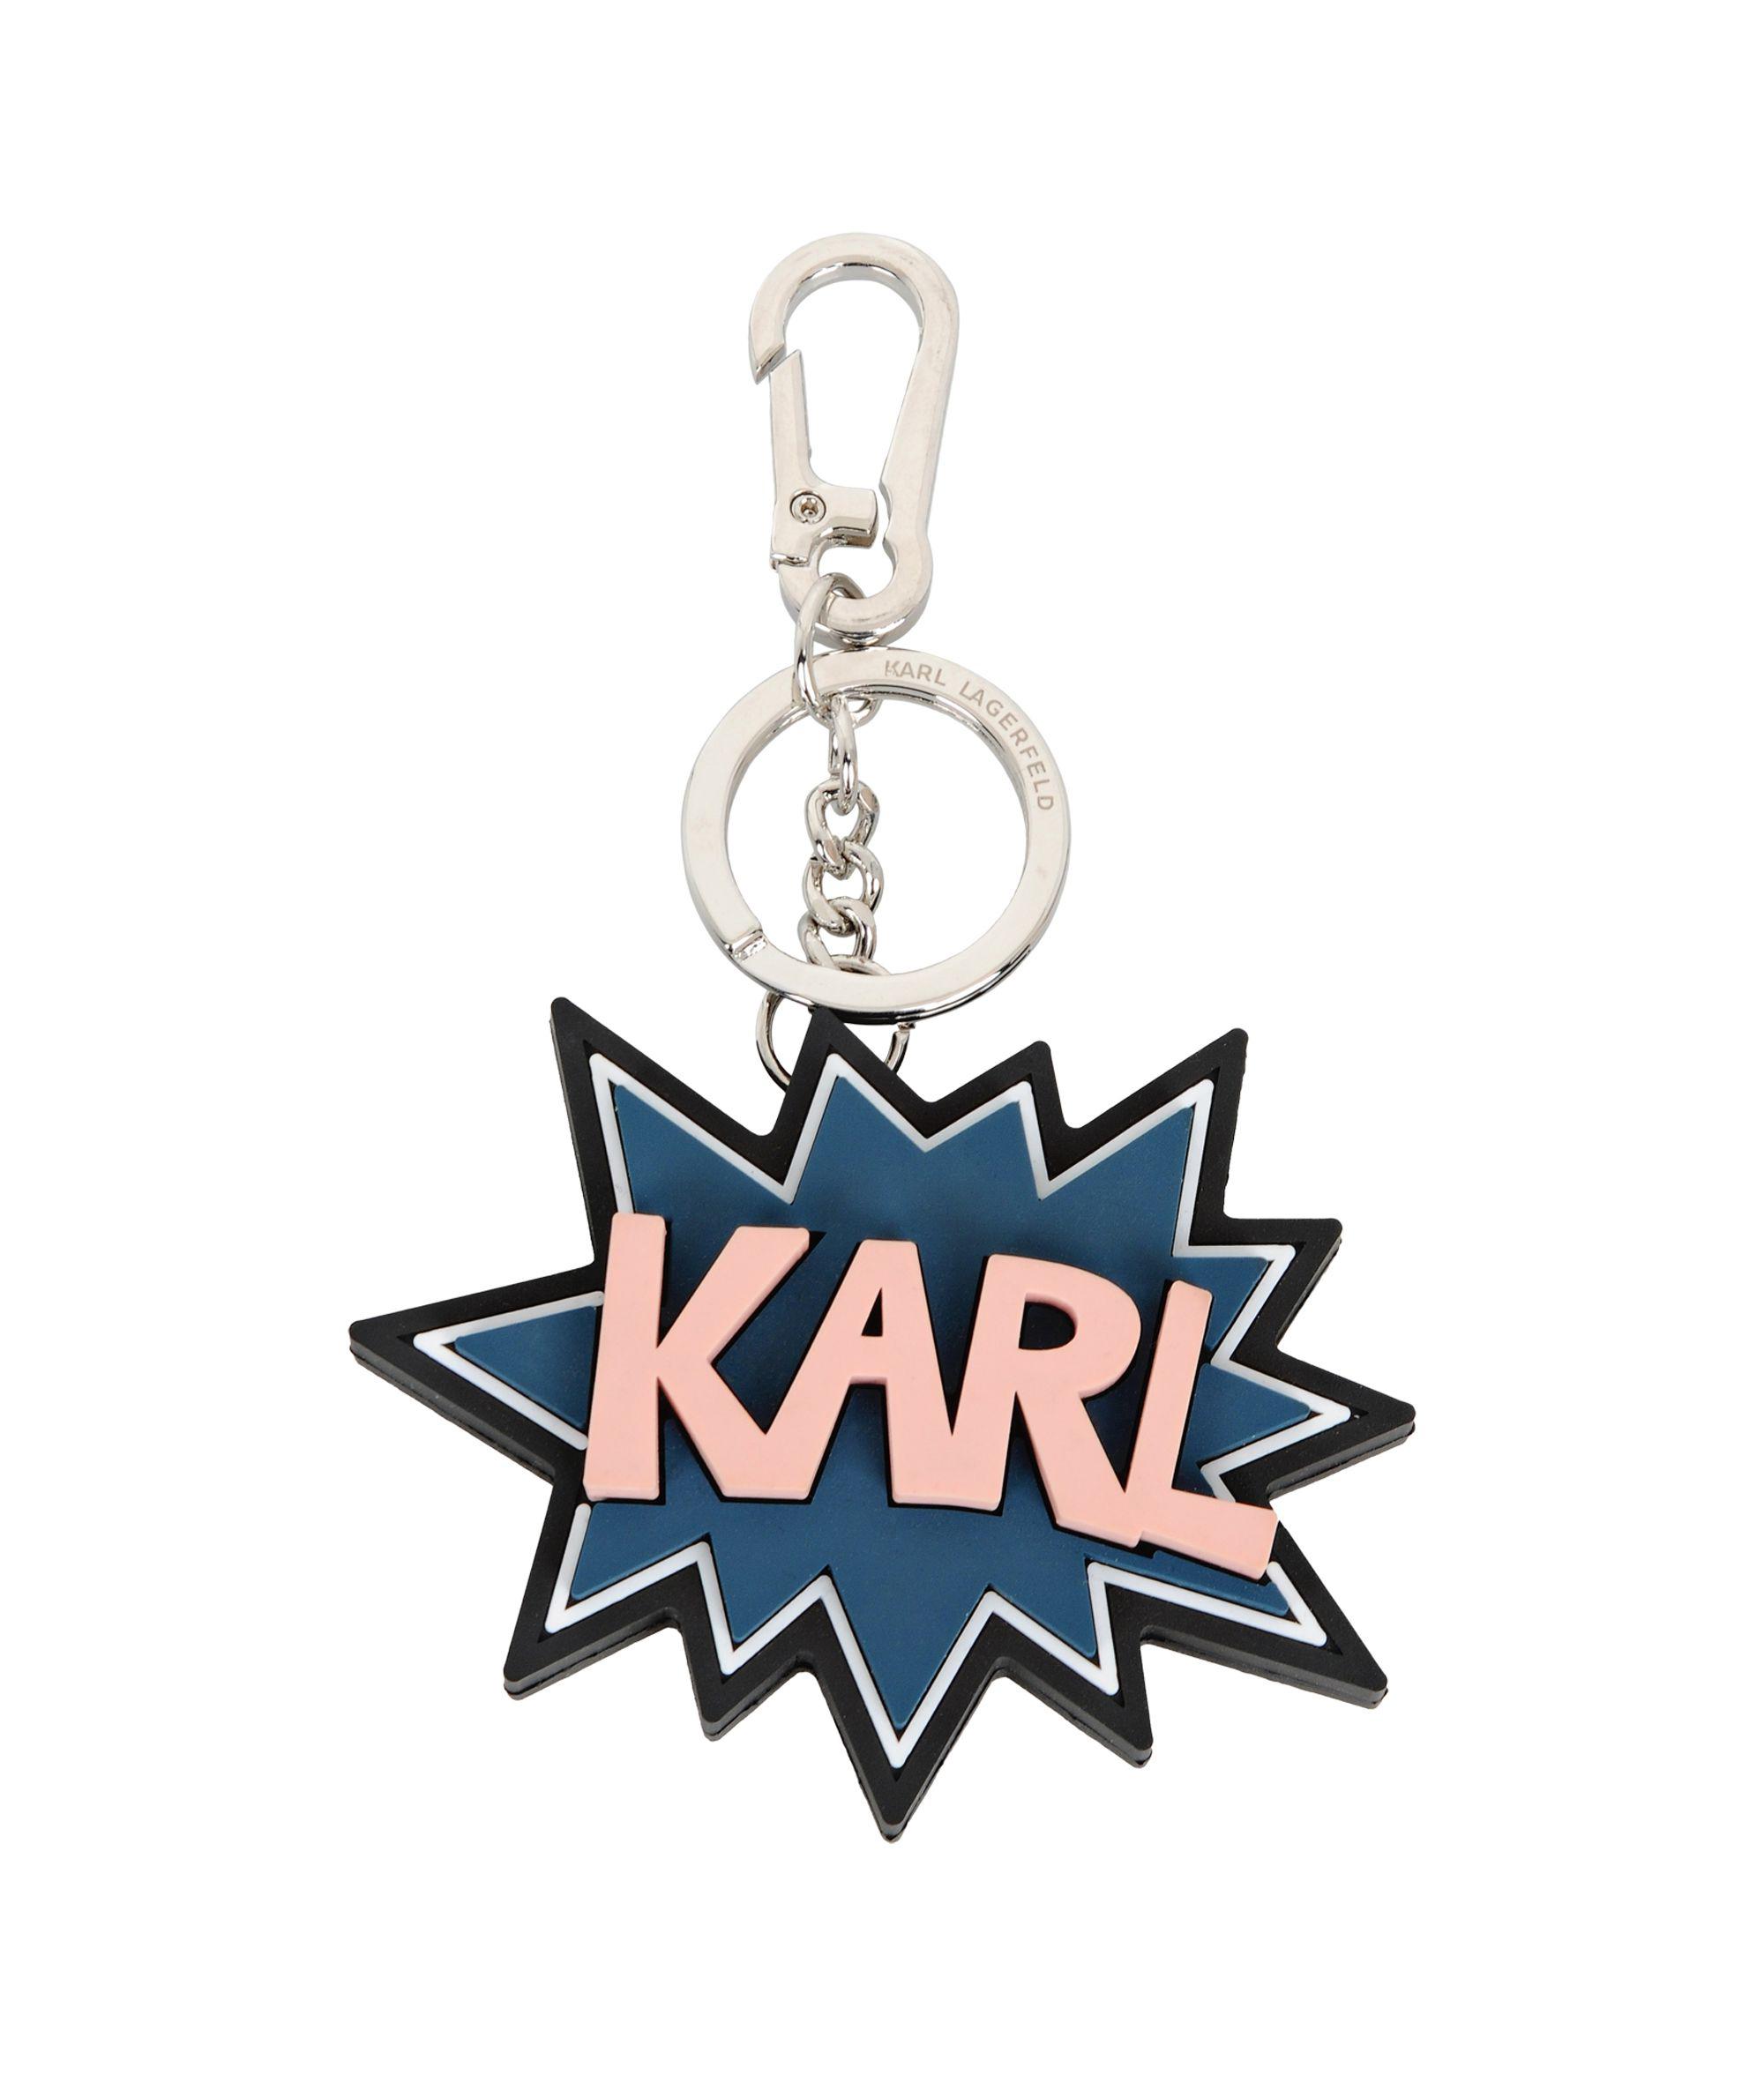 K Pop Rubber Keychain 66KW3809 Karl Lagerfeld accessories: Uvod u uzbudljivu XYZ modnu jesen